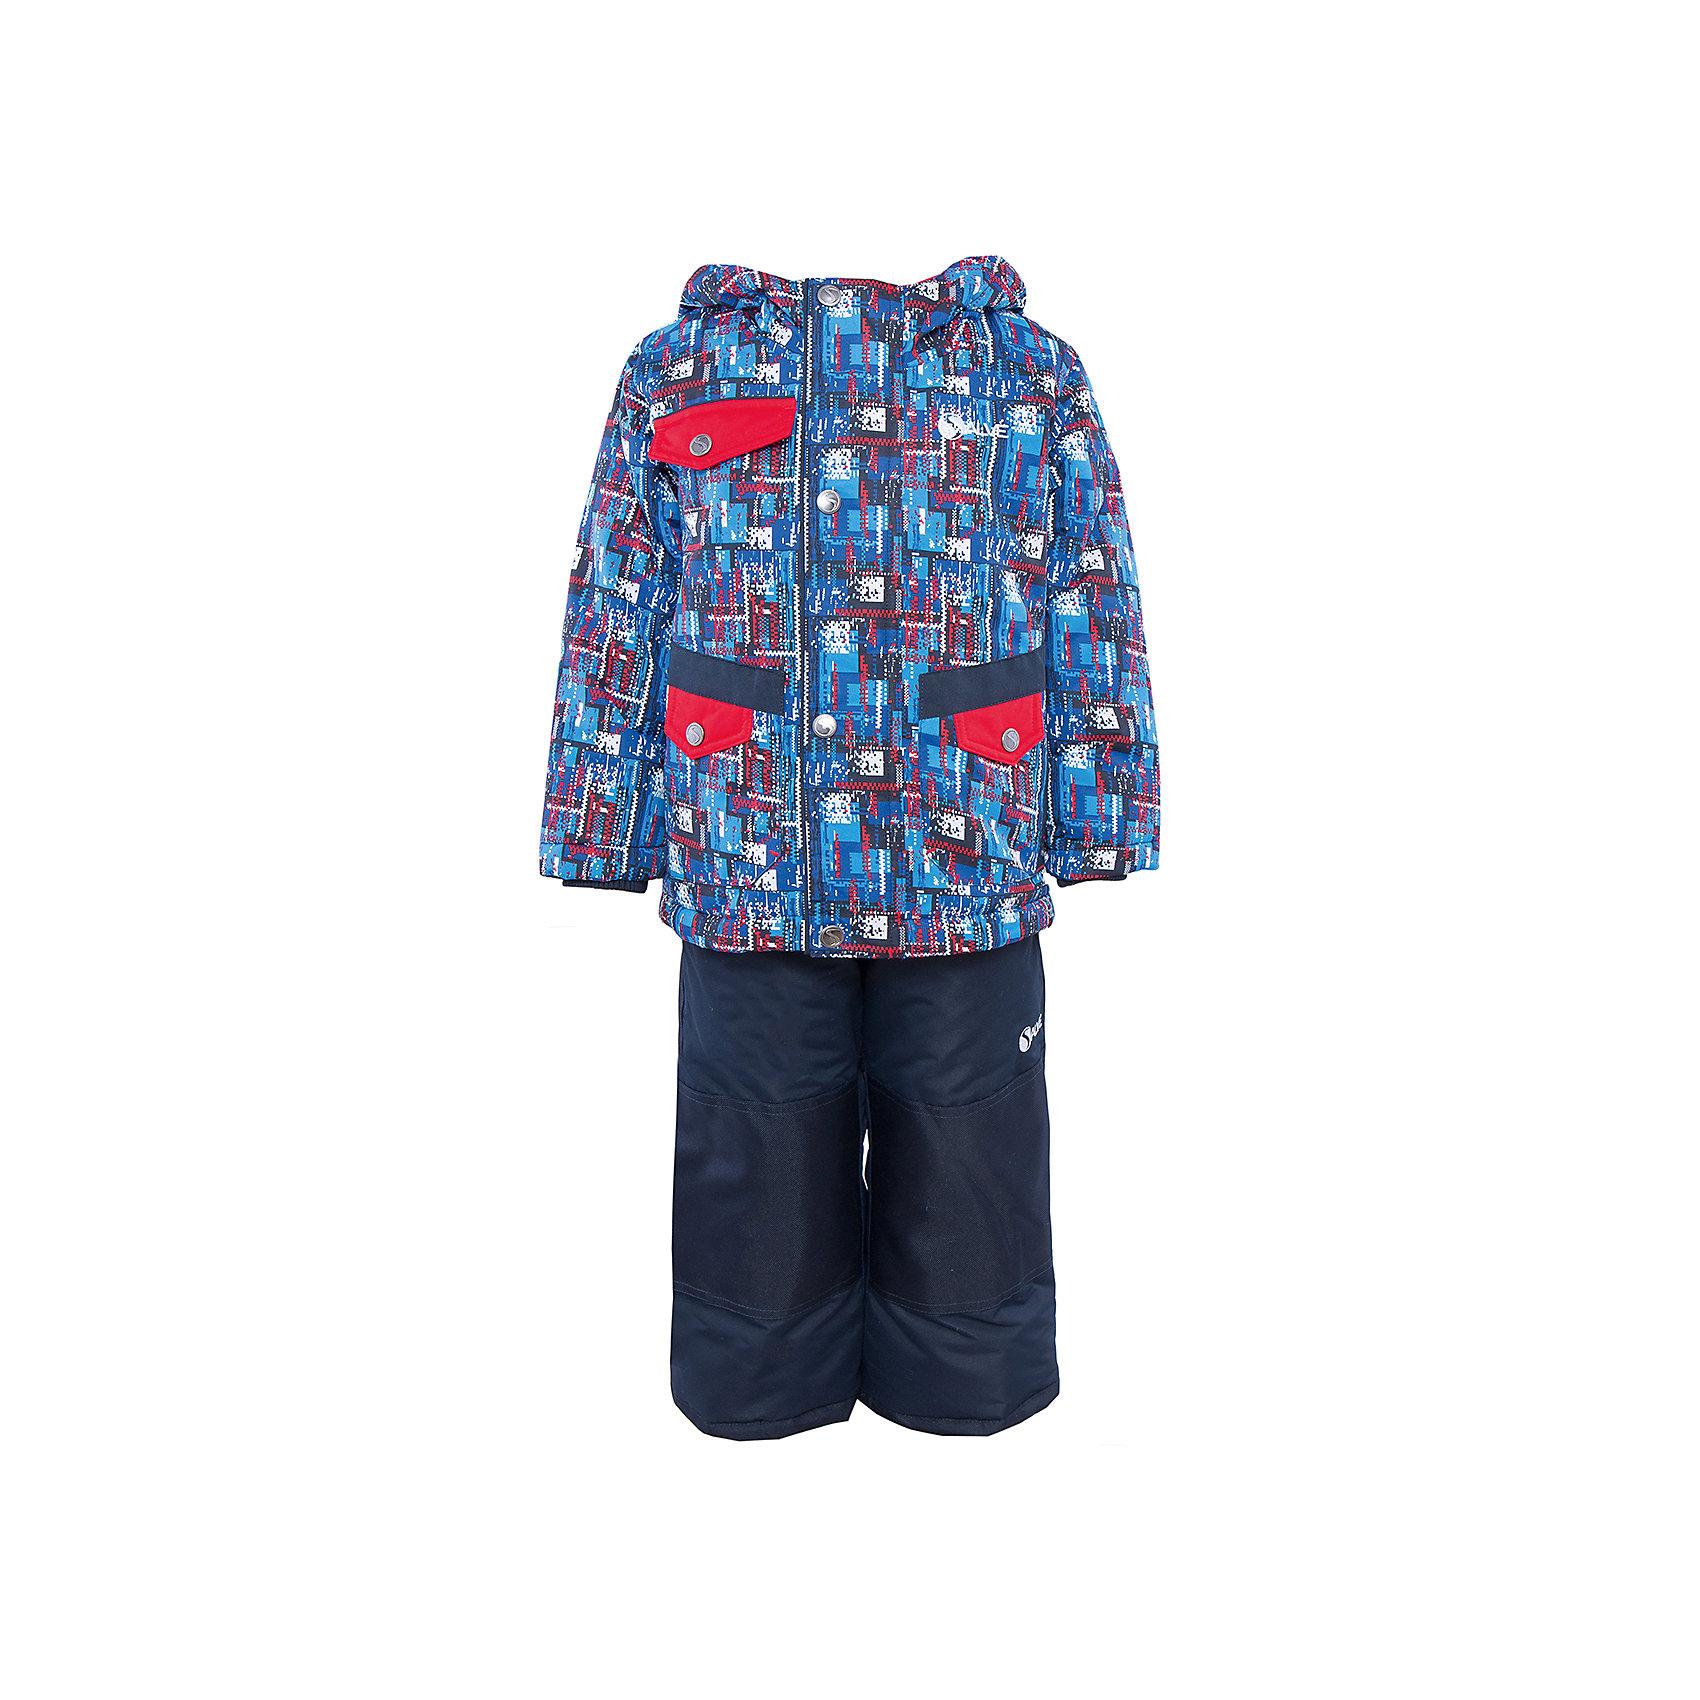 Комплект: куртка и полукомбинезон для мальчика SalveВерхняя одежда<br>Характеристики:<br><br>• Сезон: зима<br>• Степень утепления: высокая (куртка – 330 гр/м.кв.; полукомбинезон – 200 гр/м.кв.)<br>• Температурный режим*: от 0 до -30 градусов<br>• Пол: для мальчика<br>• Цвет: синий, красный<br>• Материал: полиэстер 100%<br>• Комплектация: куртка, полукомбинезон<br>• Наличие снегозащитной юбки<br>• Тип застежки: молния, кнопки<br>• Манжеты на куртке: эластичные, трикотажные<br>• Капюшон: не отстегивается<br>• Регулируемые лямки у полукомбинезона<br>• Карманы: 2 боковых и 1 на груди у куртки <br>• Уход: допускается стирка без чистящих и отбеливающих средств<br><br>Бренд Salve разработан и произведён канадской компанией Gusti International специально для российского рынка.<br><br>Комплект: куртка и полукомбинезон для мальчика Salve предназначен для прогулок в самое холодное время года. Изделие обеспечено высокой степенью утепления. Верхняя часть комплекта выполнена из полиэстера, который обладает ветрозащитными и влагонепропускаемыми свойствами. Подклад на куртке выполнен из флиса. Для обеспечения поддержания микроклимата имеются эластичные трикотажных манжеты на рукавах куртки и резинки на брюках. Изделие выполнено из прочной ткани, имеется усиление на коленях, по низу полукомбинезона и сзади. Крой комплекта выполнен с учетом повышенной подвижности ребенка во время зимних прогулок: расширенные брючины не сковывают движений. <br>Комплект: куртка и полукомбинезон для мальчика Salve выполнен в ярком дизайне: сине-красная куртка с графическими элементами и полукомбинезон в классическом темном цвете.<br><br>Комплект: куртку и полукомбинезон для мальчика Salve можно купить в нашем интернет-магазине.<br><br>Ширина мм: 356<br>Глубина мм: 10<br>Высота мм: 245<br>Вес г: 519<br>Цвет: синий<br>Возраст от месяцев: 18<br>Возраст до месяцев: 24<br>Пол: Мужской<br>Возраст: Детский<br>Размер: 92,128,98,104,110,116,122<br>SKU: 5044711